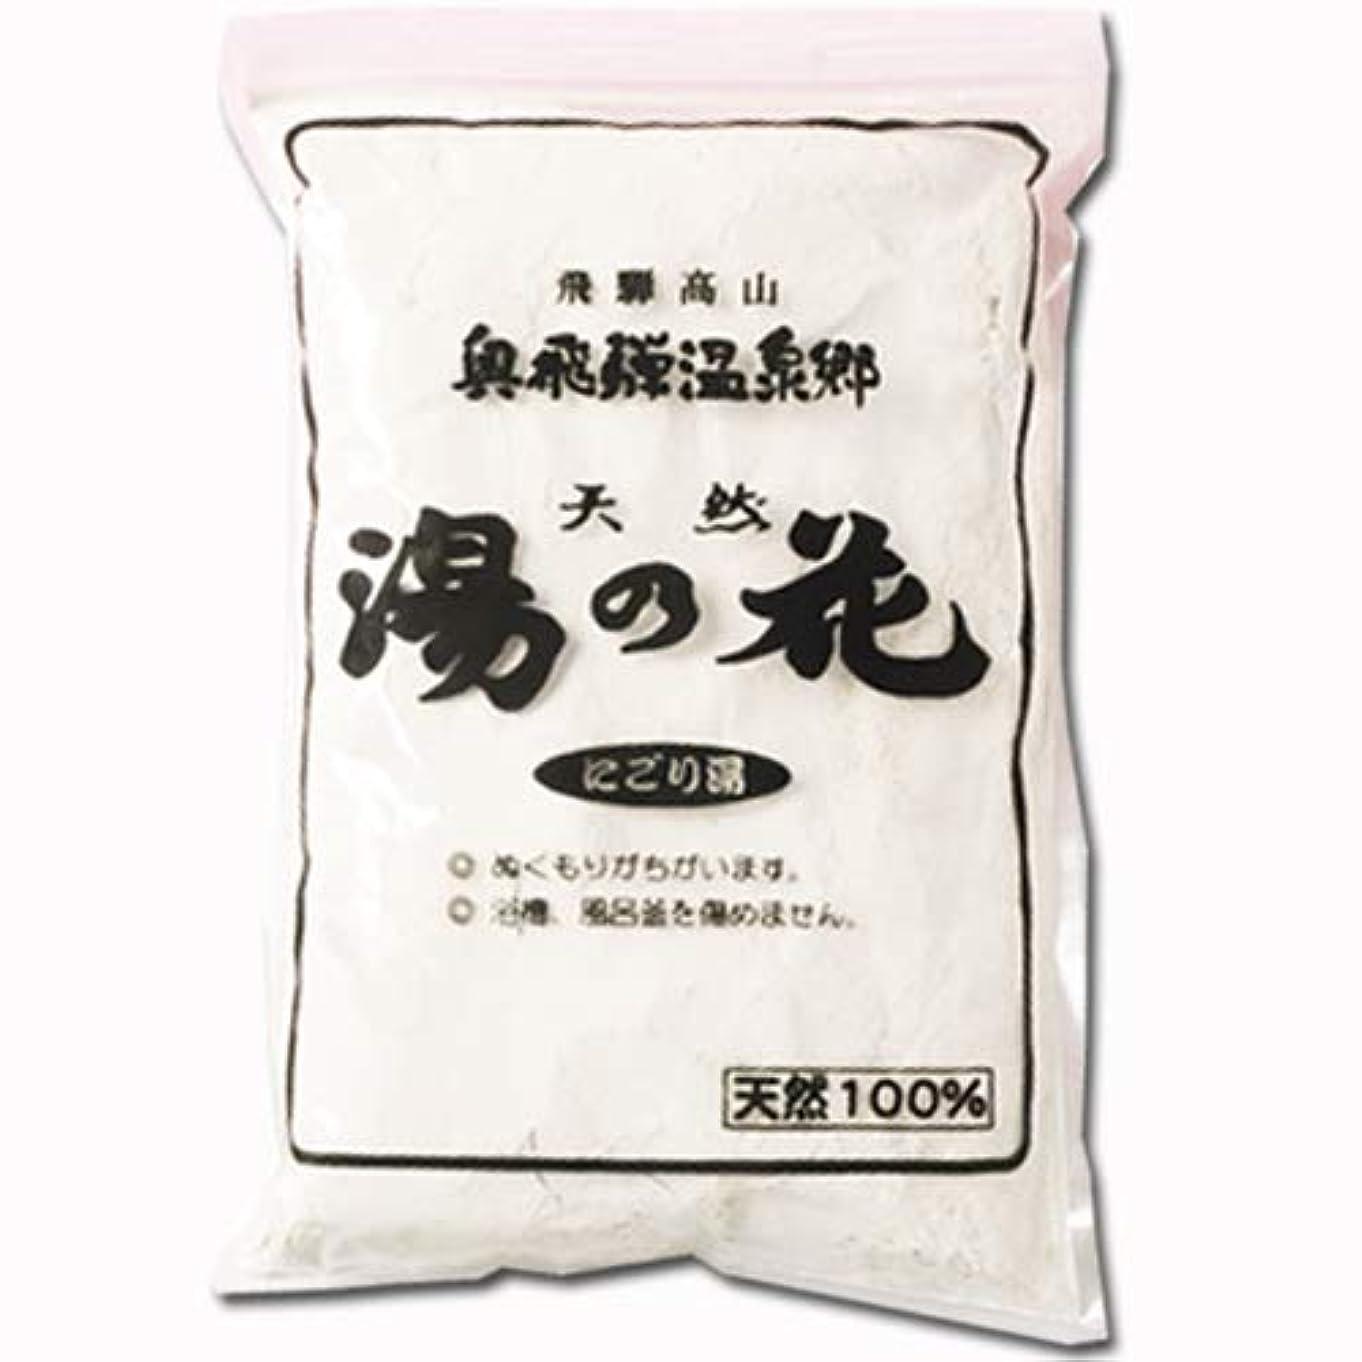 告発者撤退領収書天然湯の花 (業務用) 1kg (飛騨高山温泉郷 にごり湯)